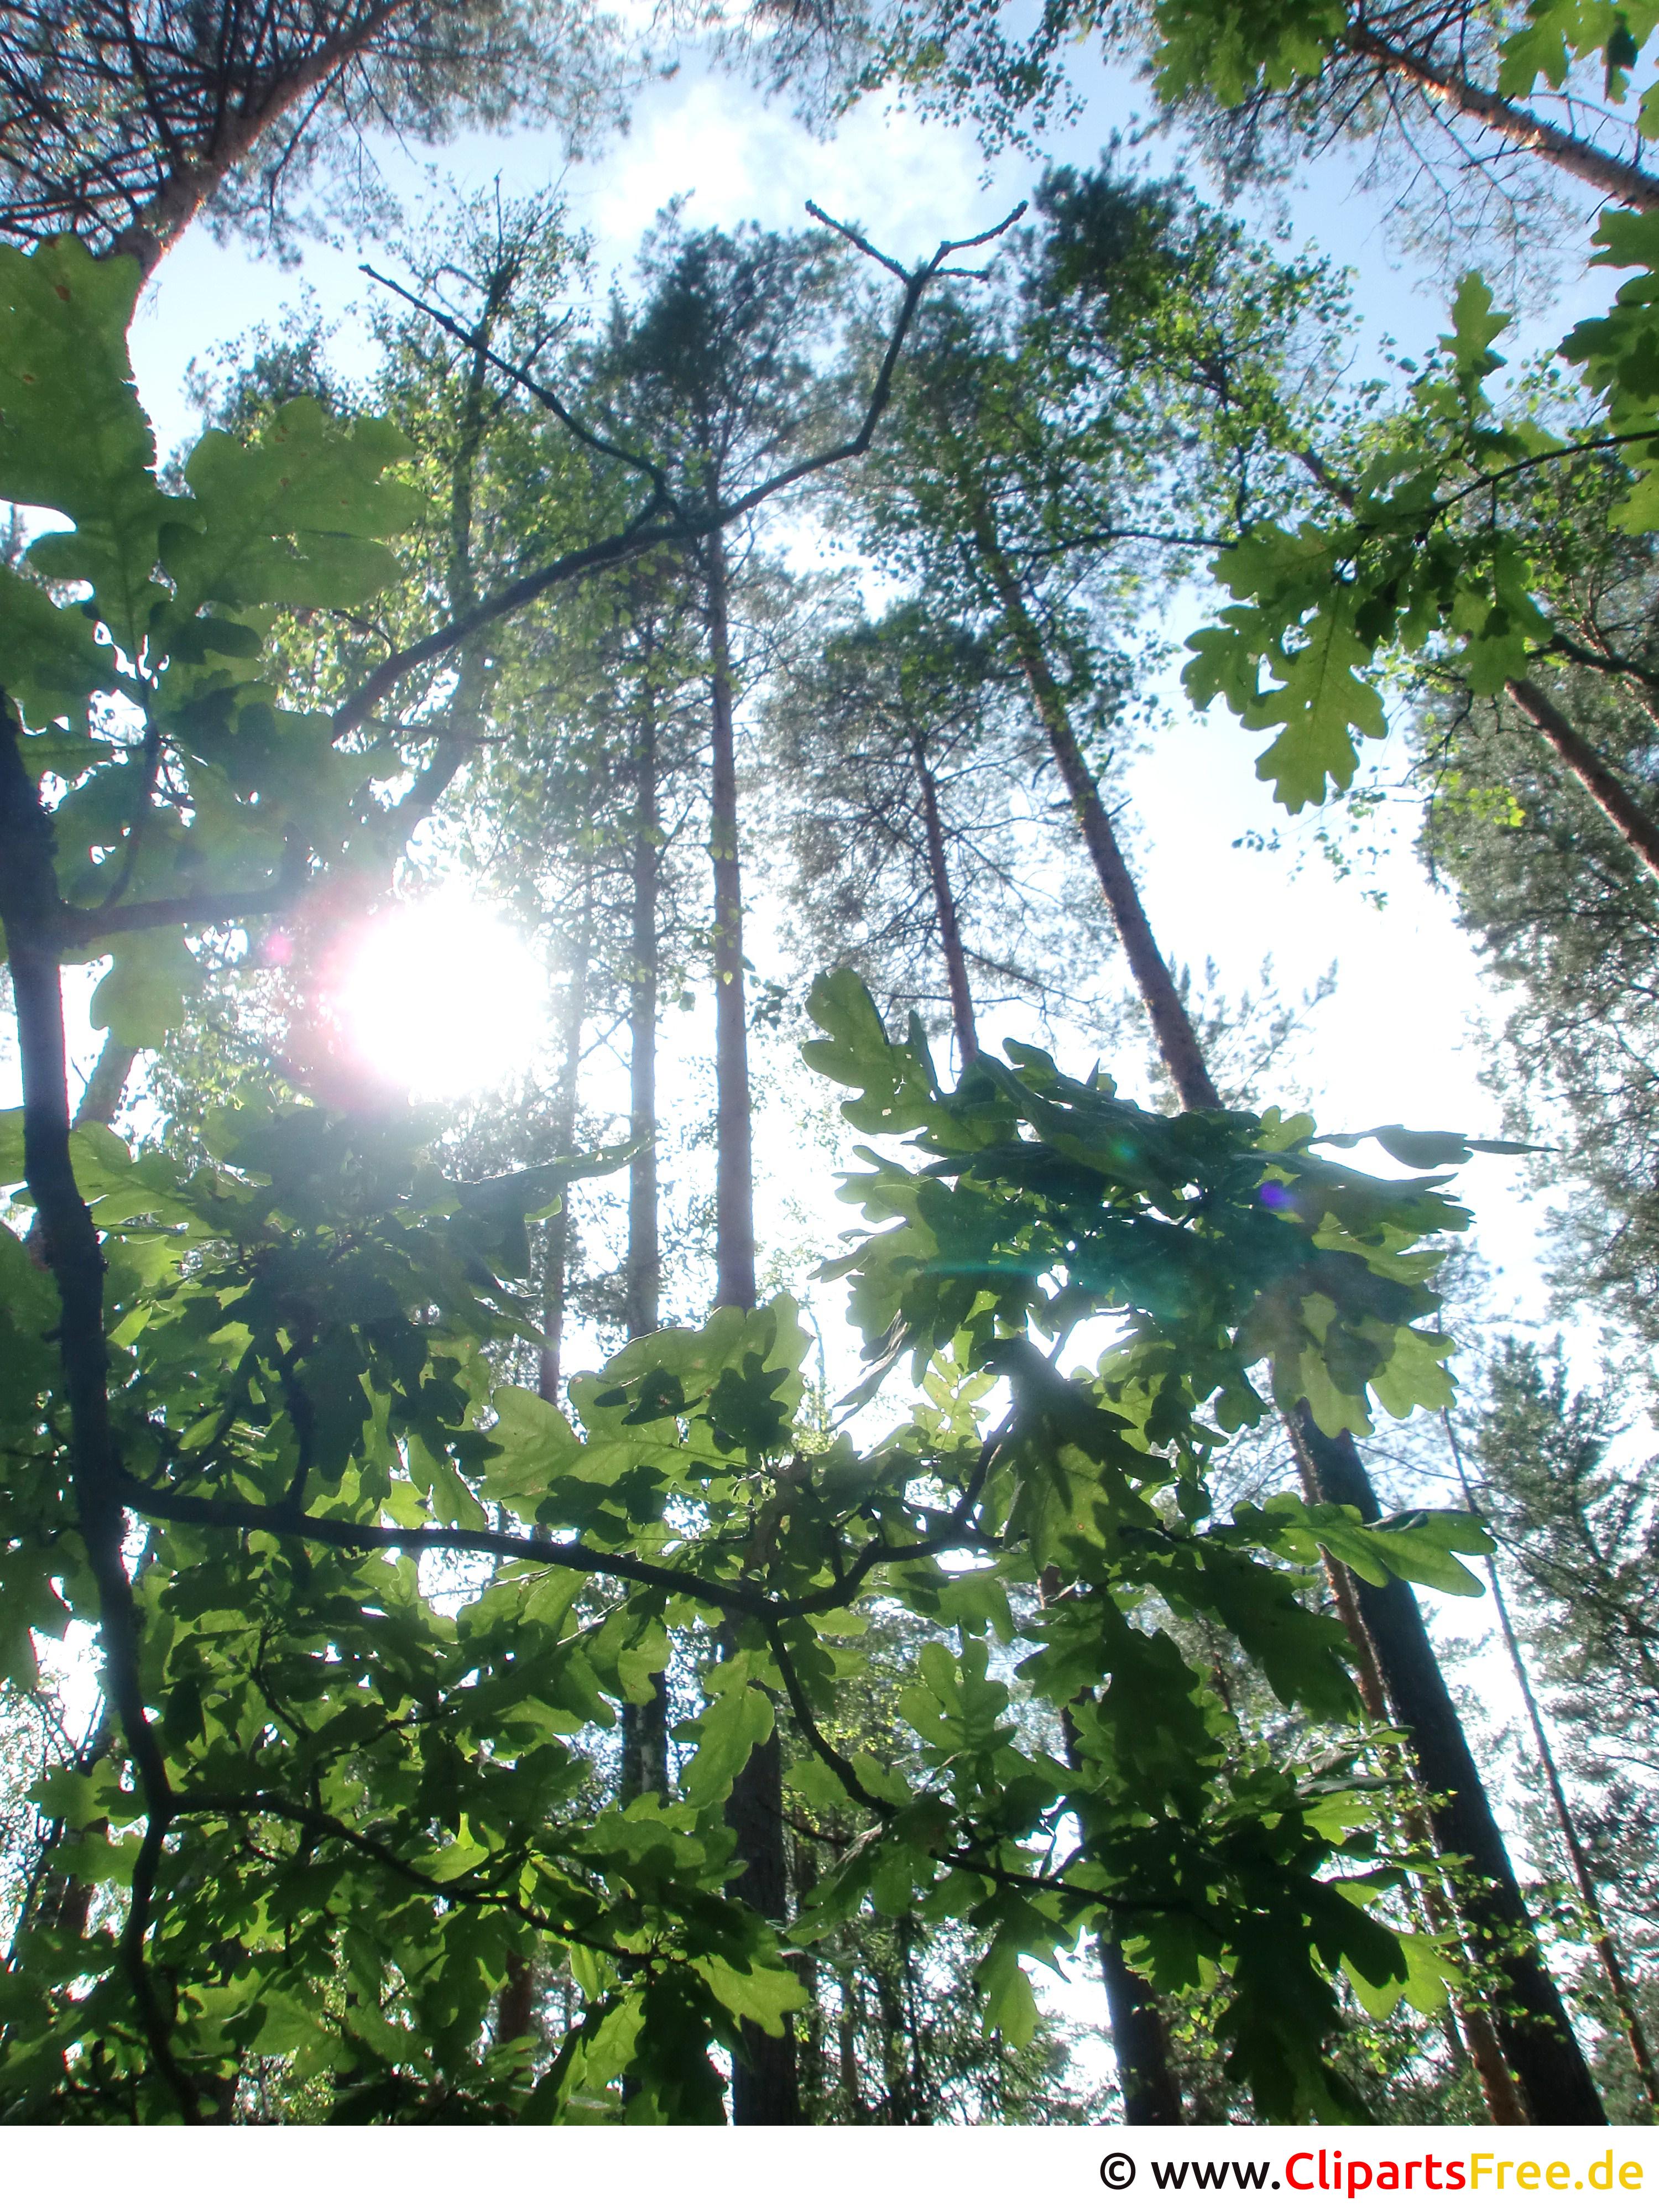 Bäume im Wald im Sommer Foto, Bild, Grafik kostenlos